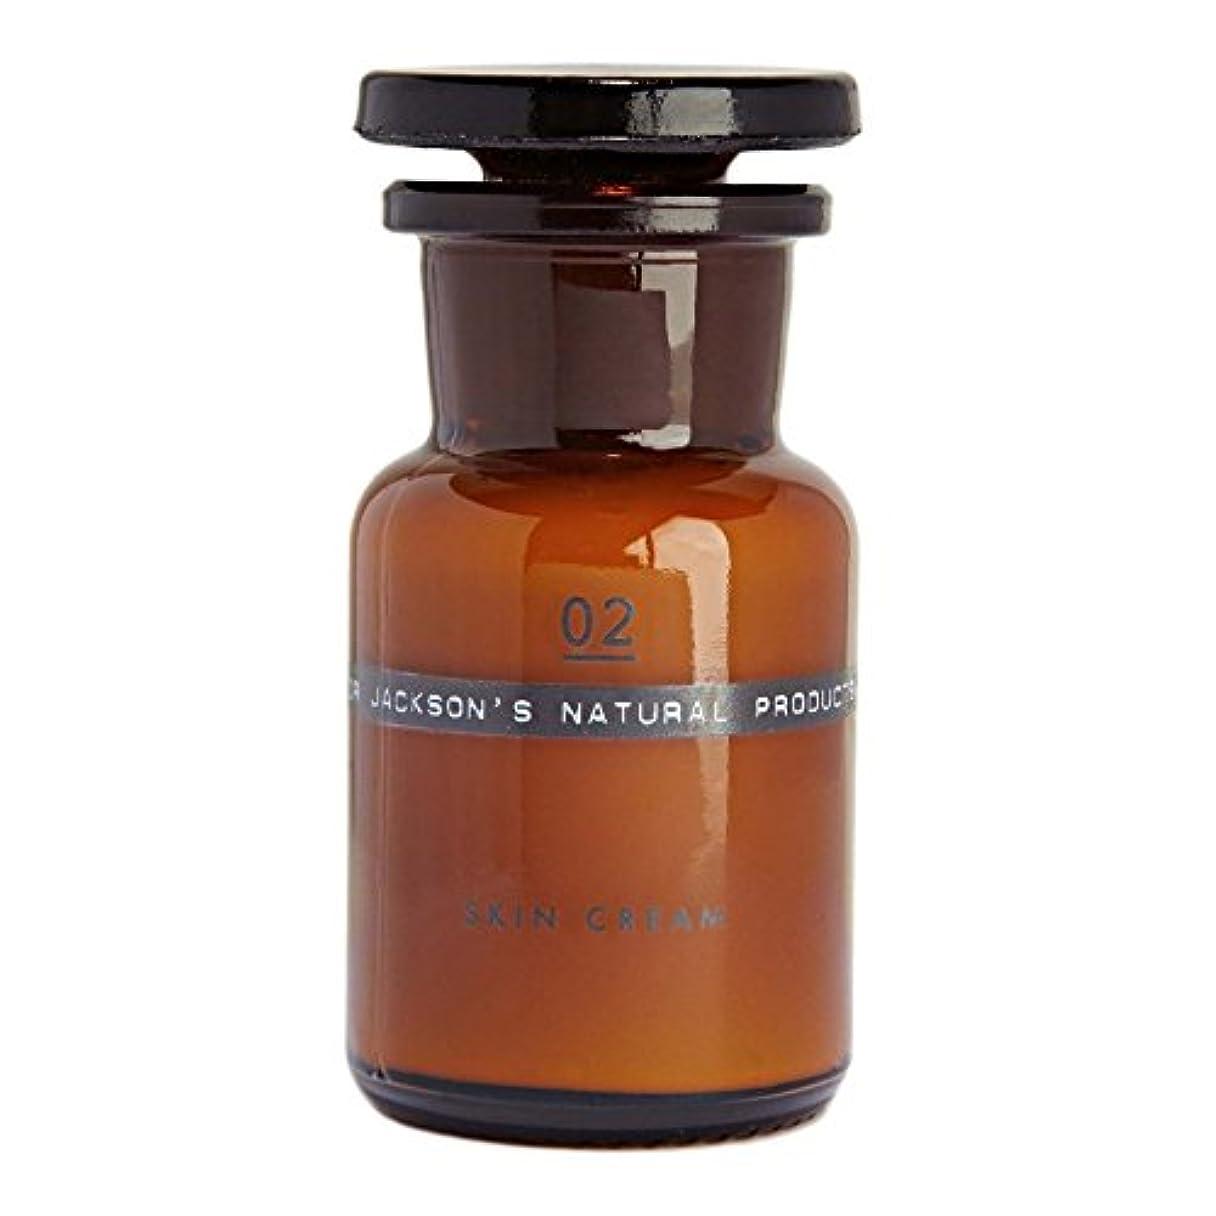 蓄積するハブブに負けるジャクソンの02スキンクリーム50ミリリットル x4 - Dr Jackson's 02 Skin Cream 50ml (Pack of 4) [並行輸入品]